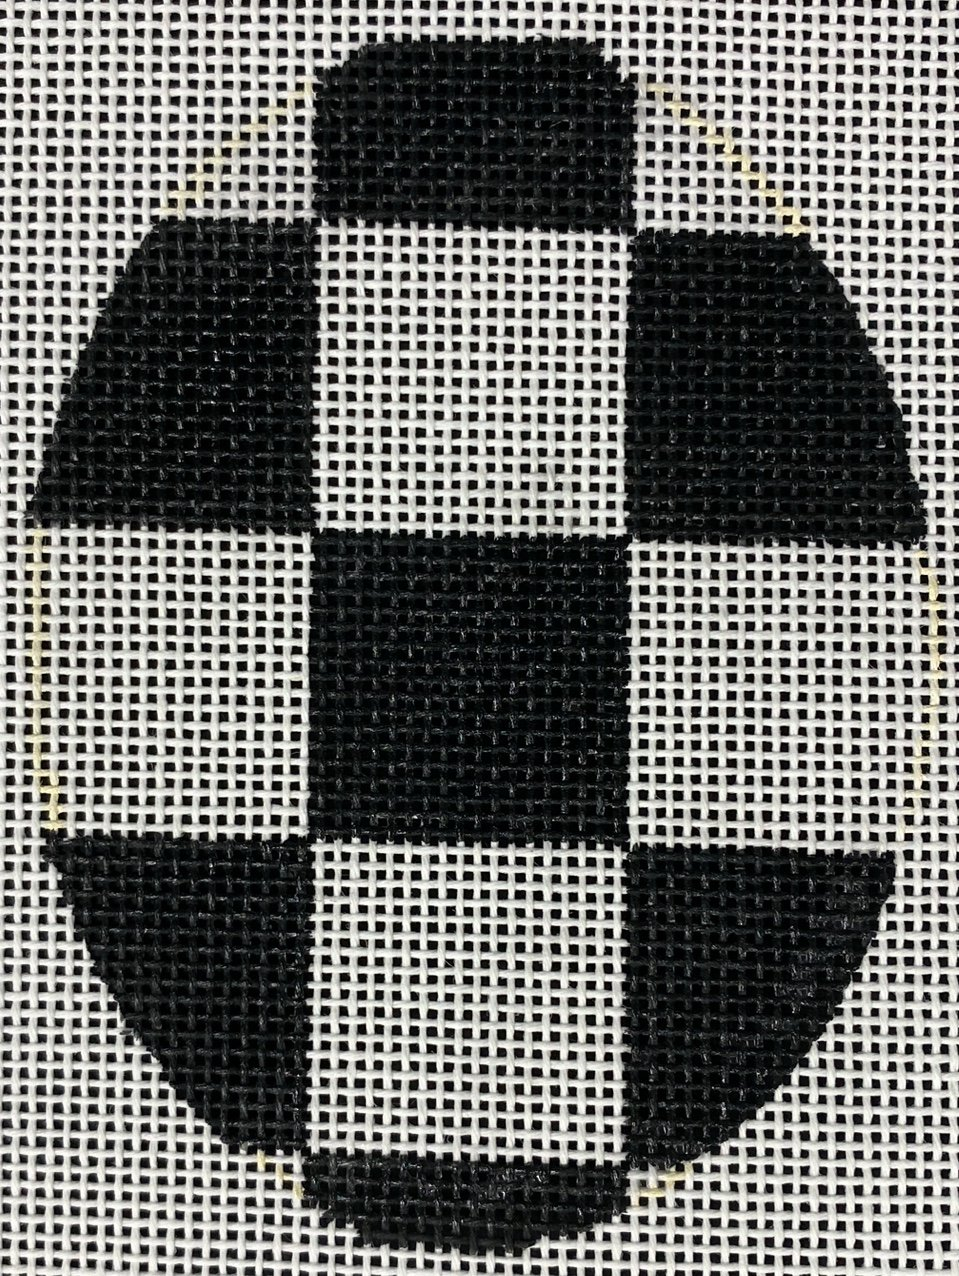 Black & White Check Egg, 4x3, 18M